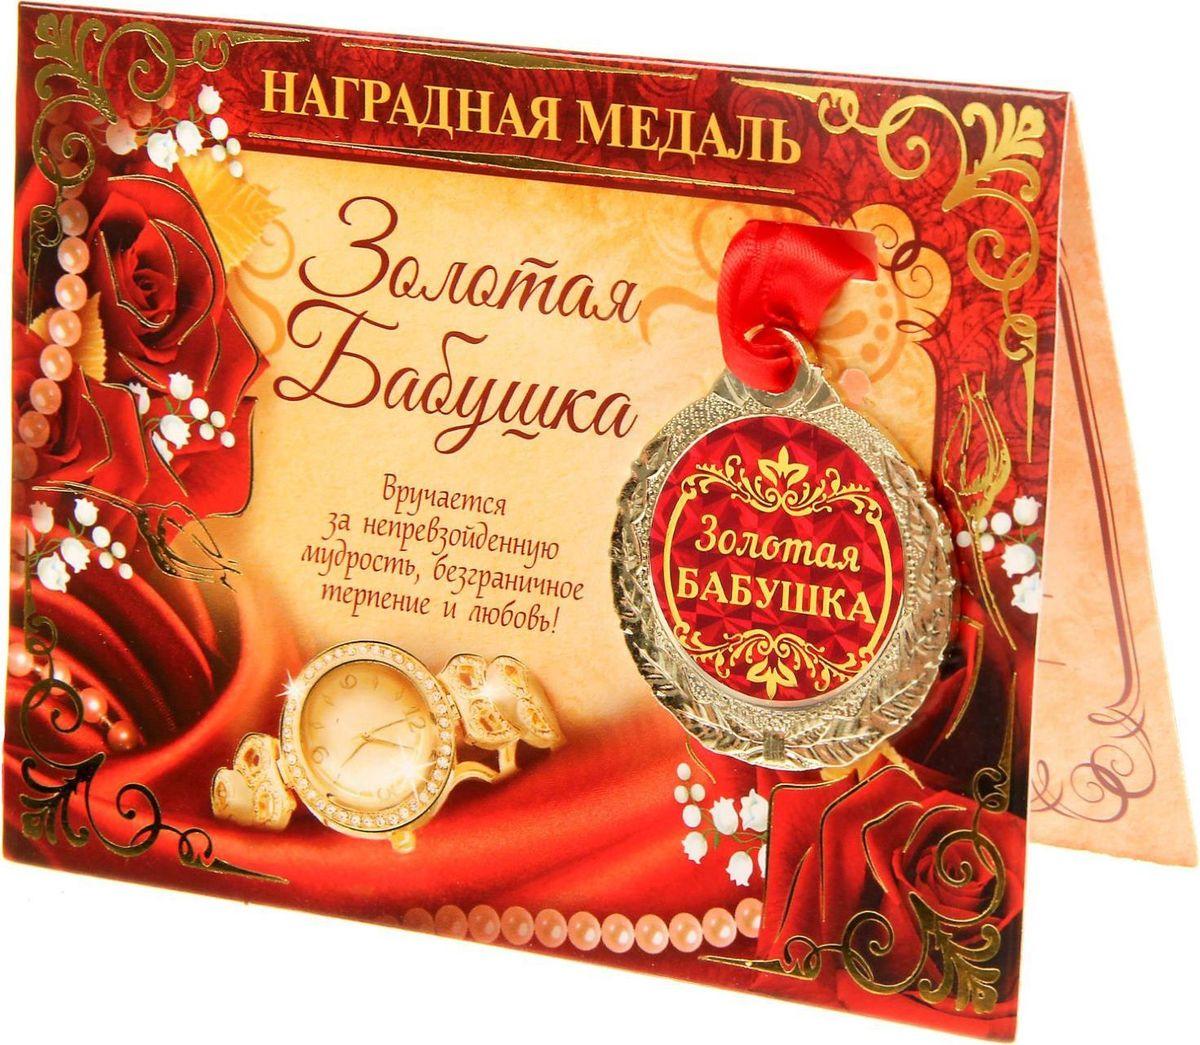 Медаль сувенирная Золотая бабушка, диаметр 4 см1500647Медаль Золотая бабушка — это хороший подарок и отличная награда! Она будет долго радовать владельца и привлекать к нему заслуженное внимание. Лента, которая входит в комплект, позволит незамедлительно использовать аксессуар по назначению. Металлическая медаль с гравировкой на обороте преподносится на красочной открытке с тёплыми словами и полем для собственных пожеланий. Такой подарок придётся по душе каждому!